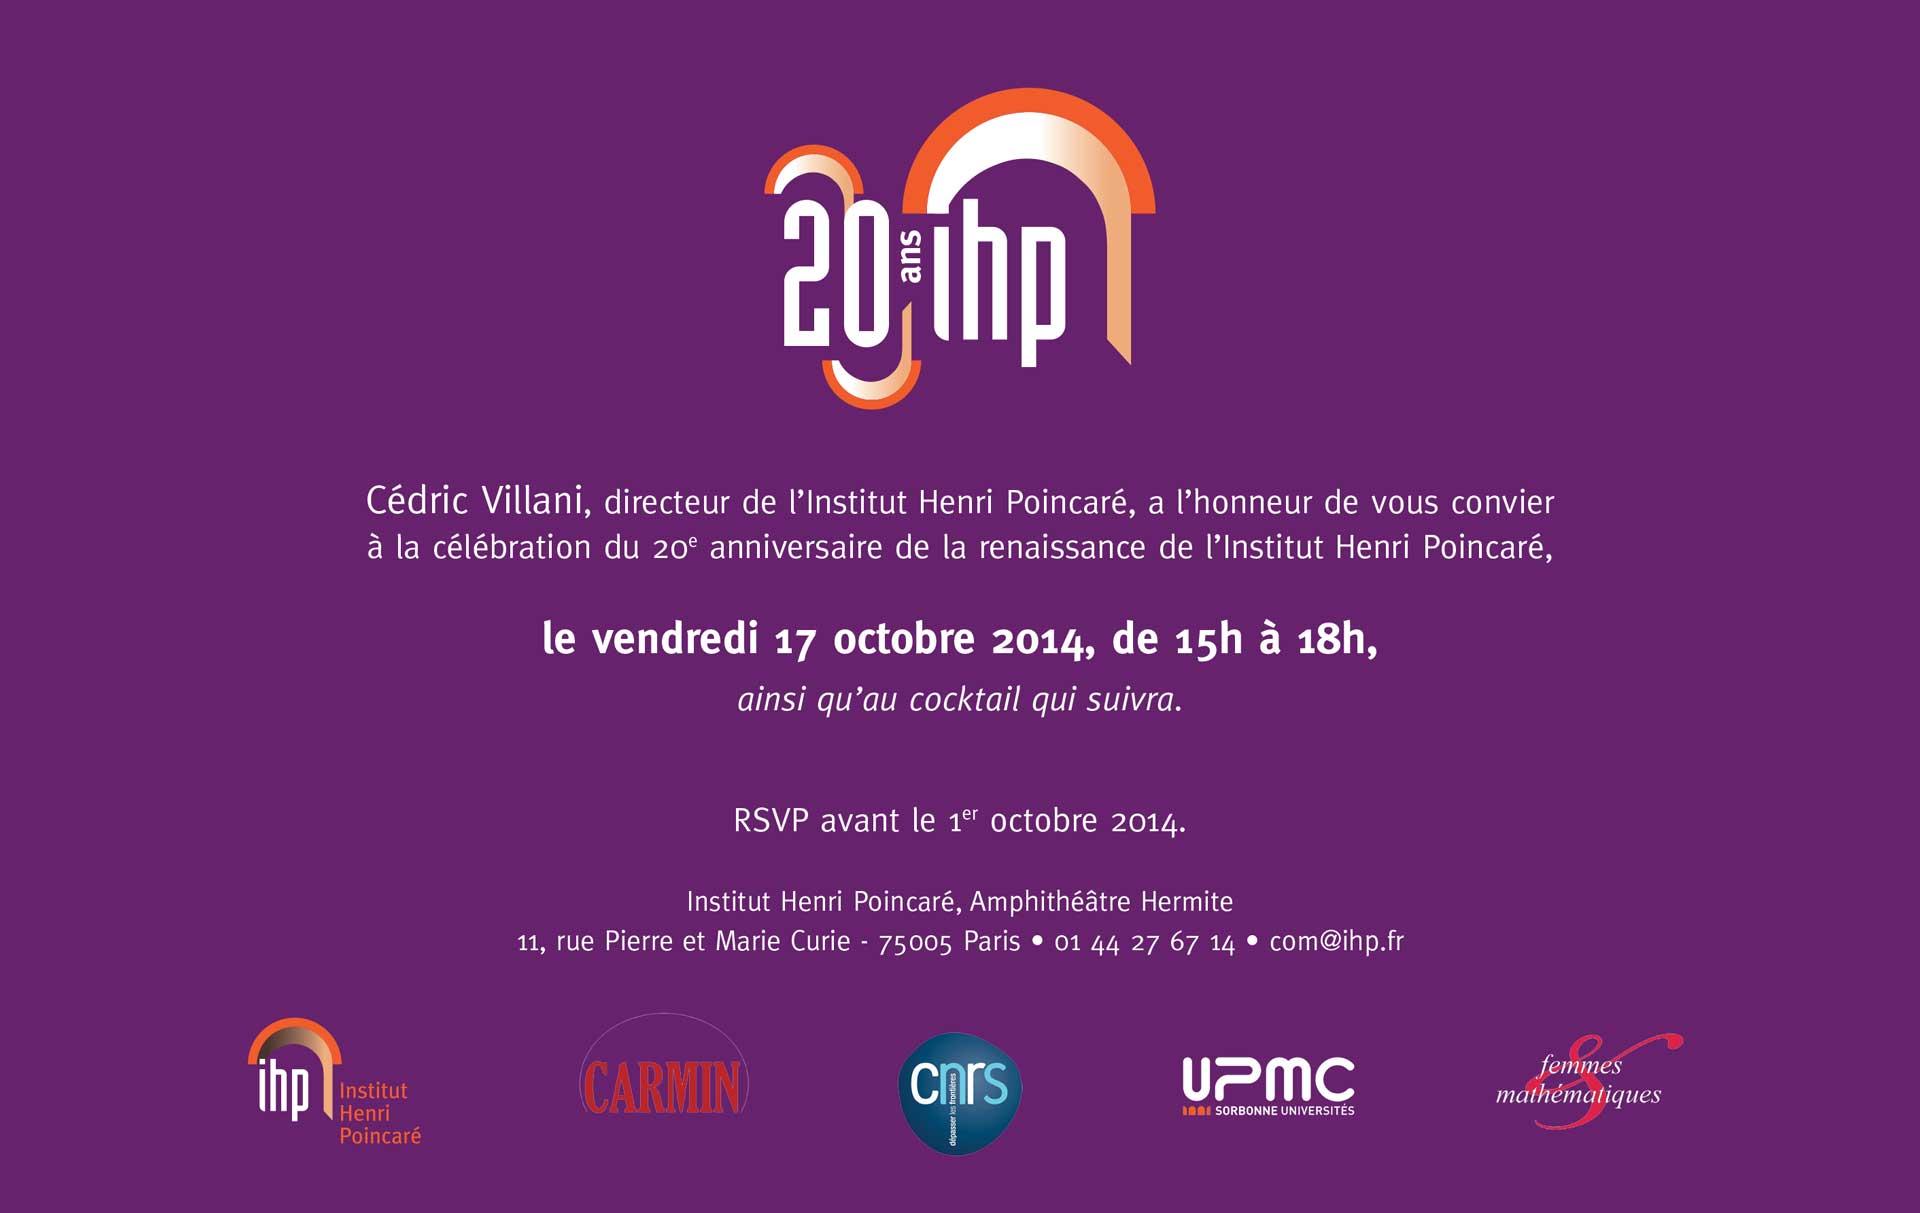 20ans Institut Henri Poincaré Invit